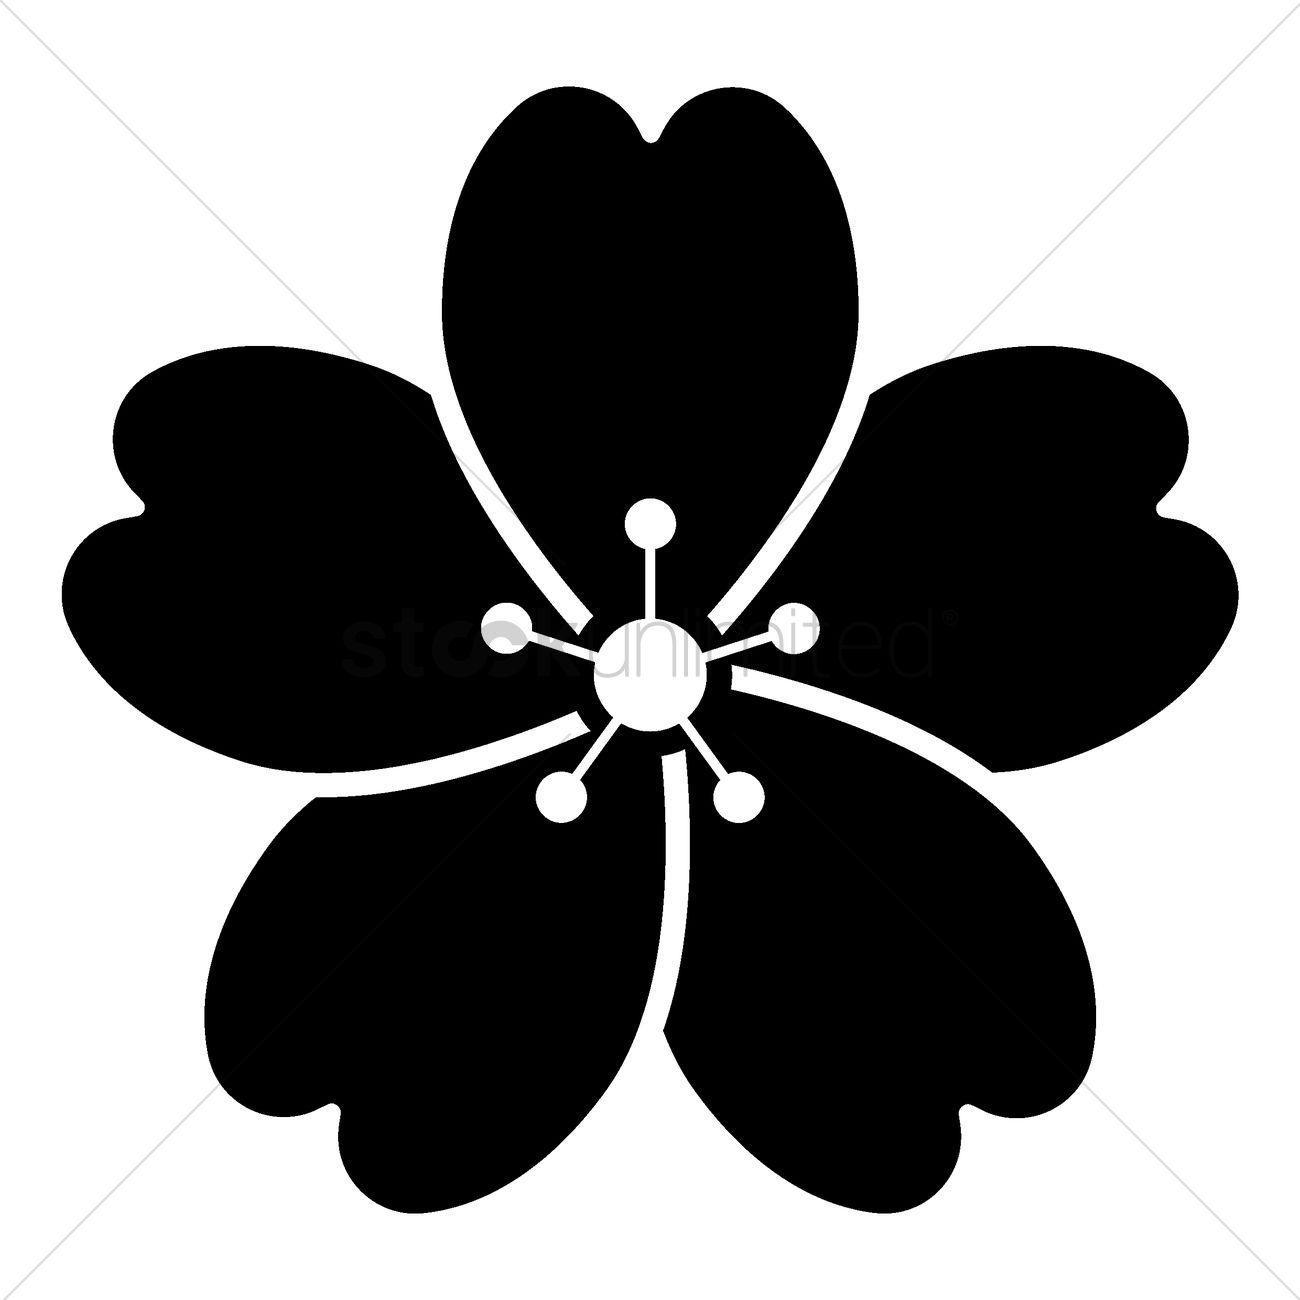 1300x1300 Sakura Blossom Clipart Black And White 3870411